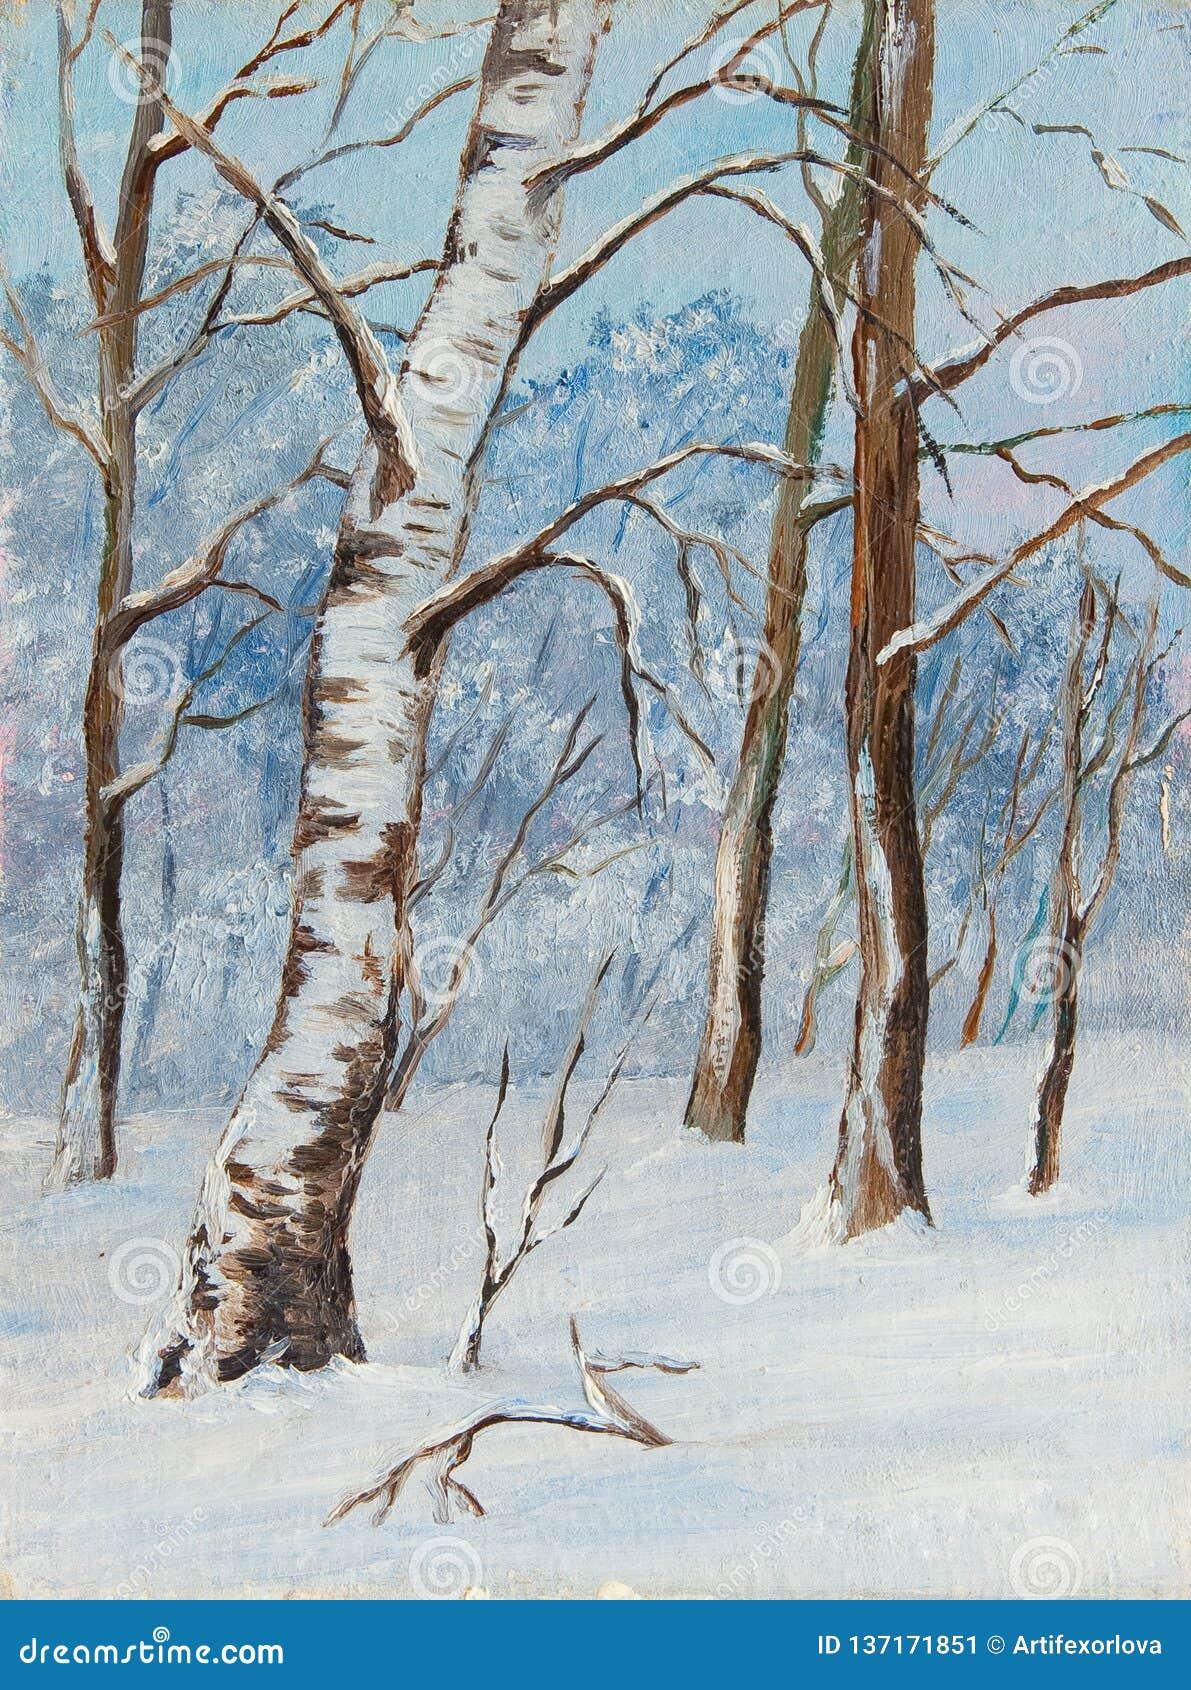 Arbres De Bouleau De Paysage D'hiver Dans La Neige Sur Une Toile Peinture à L'huile Initiale ...